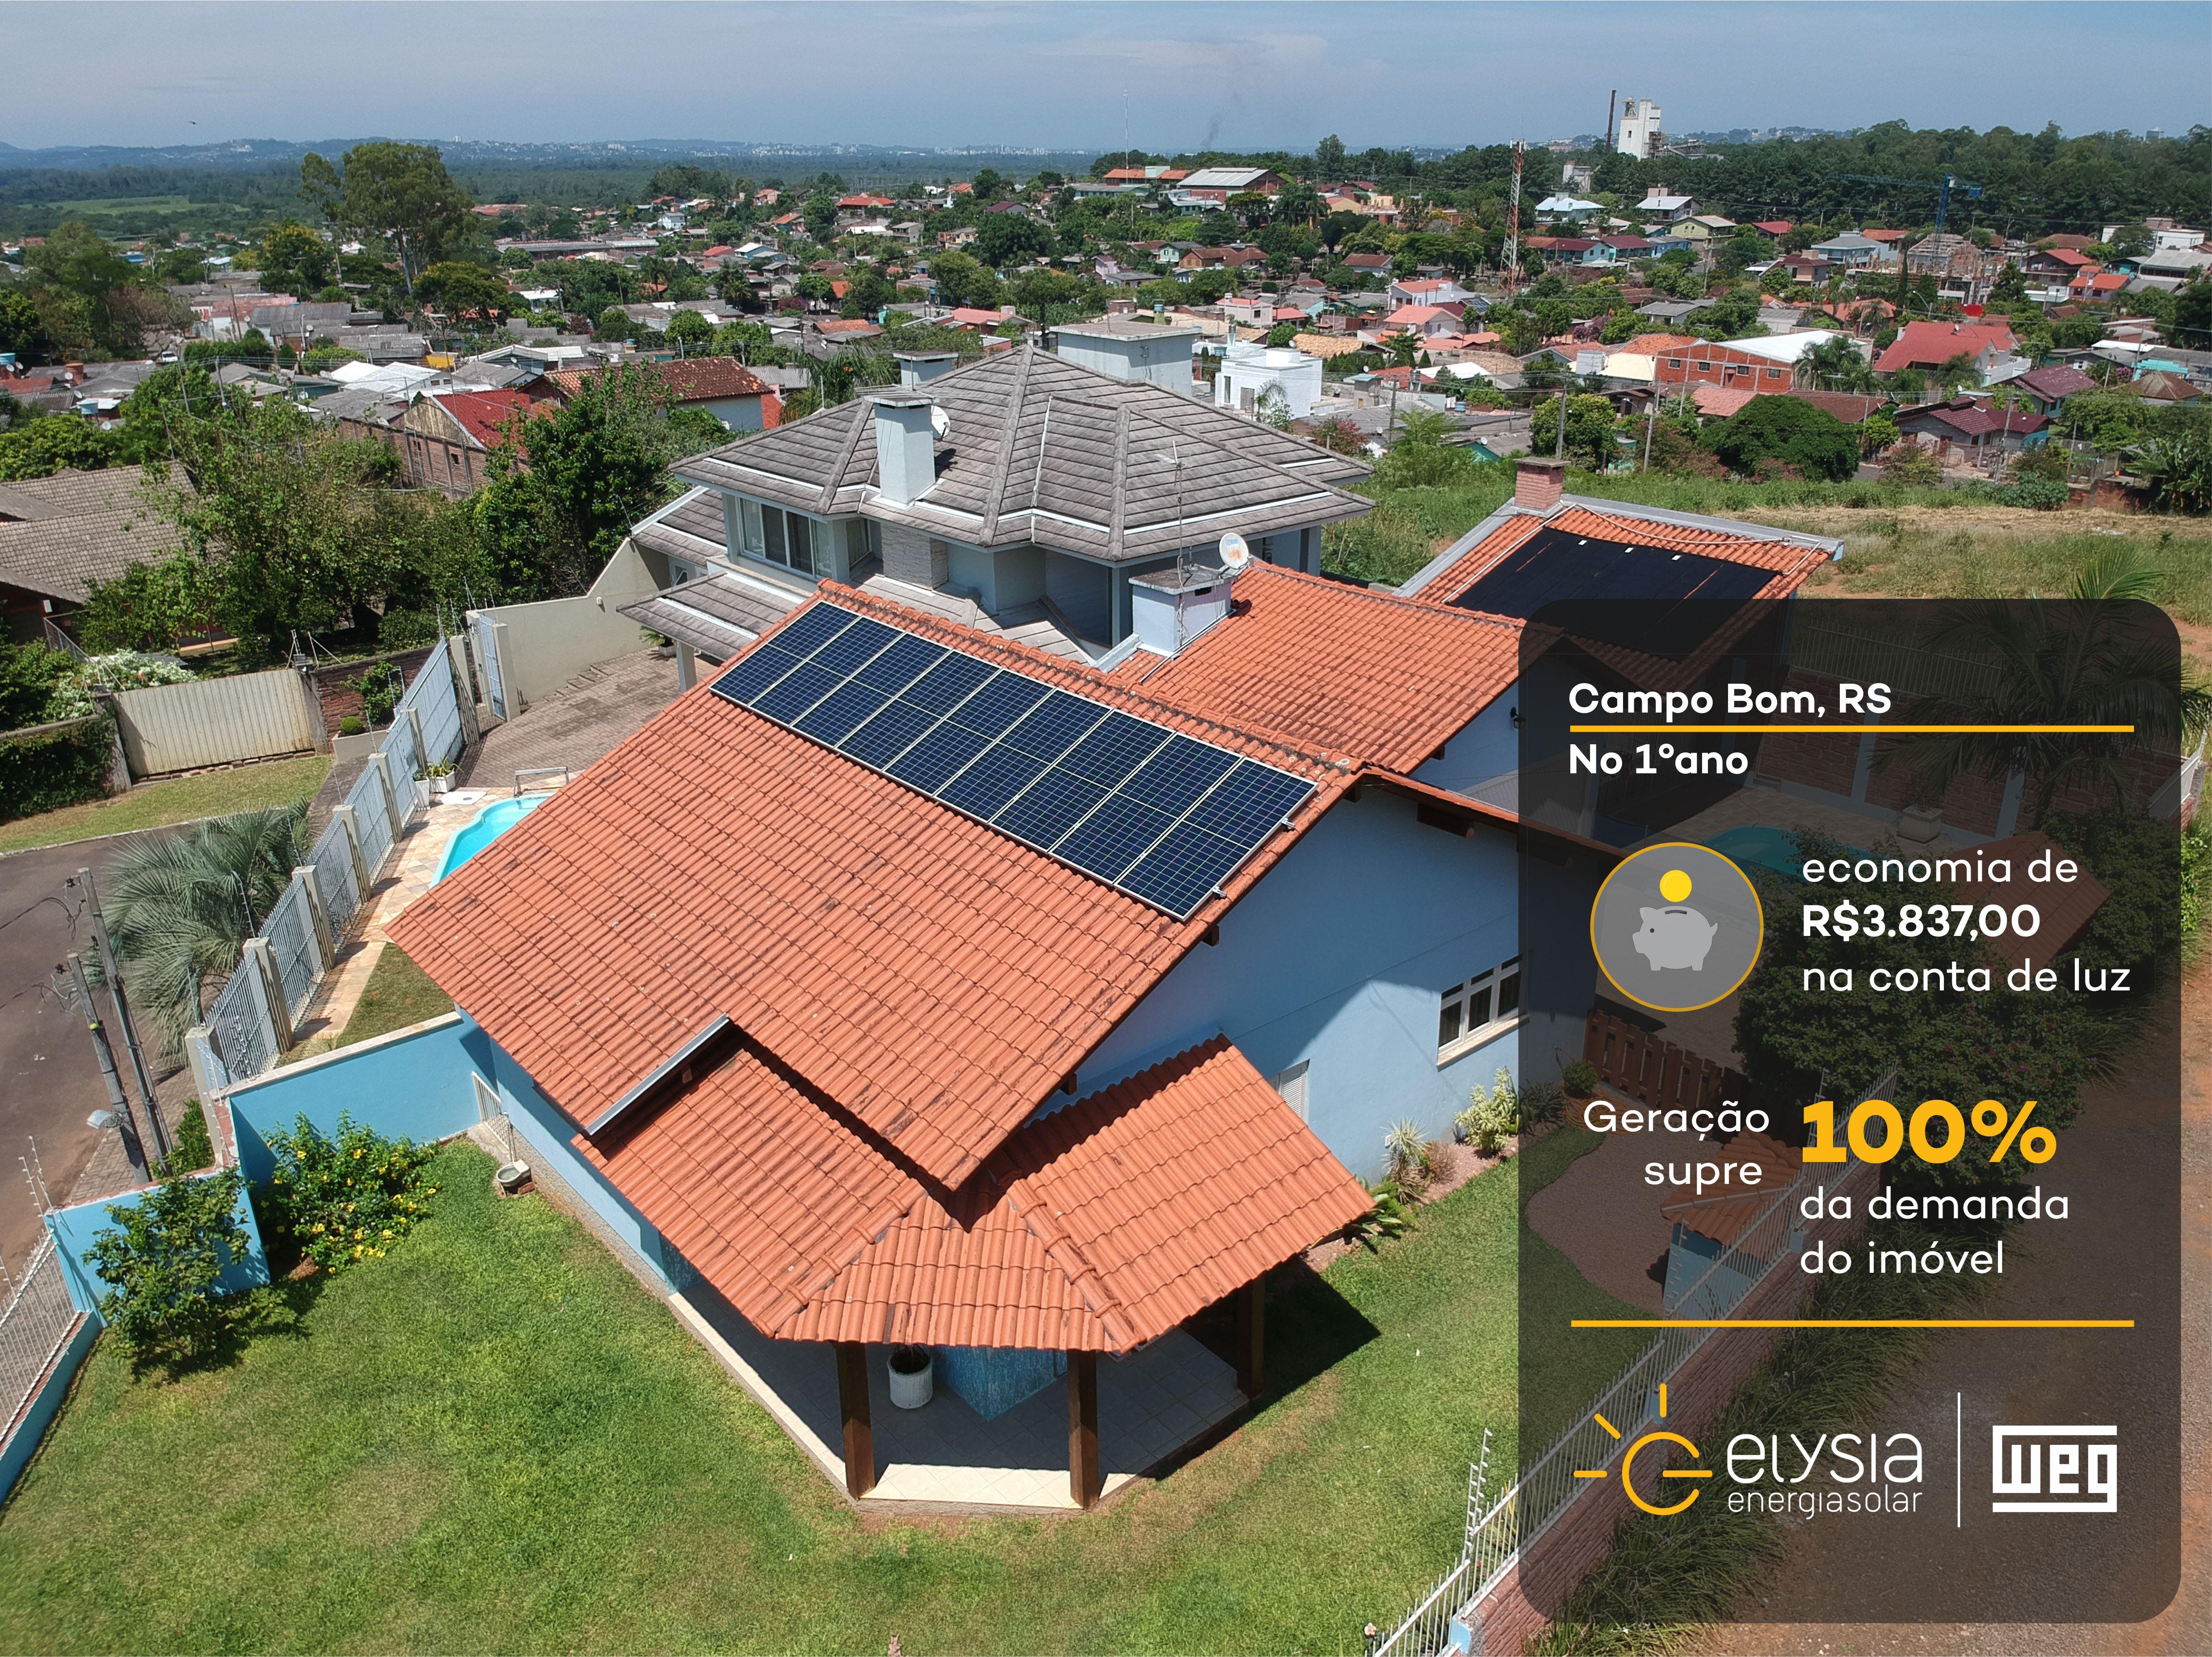 Solução completa de energia solar - Elysia sistema fotovoltaico RS